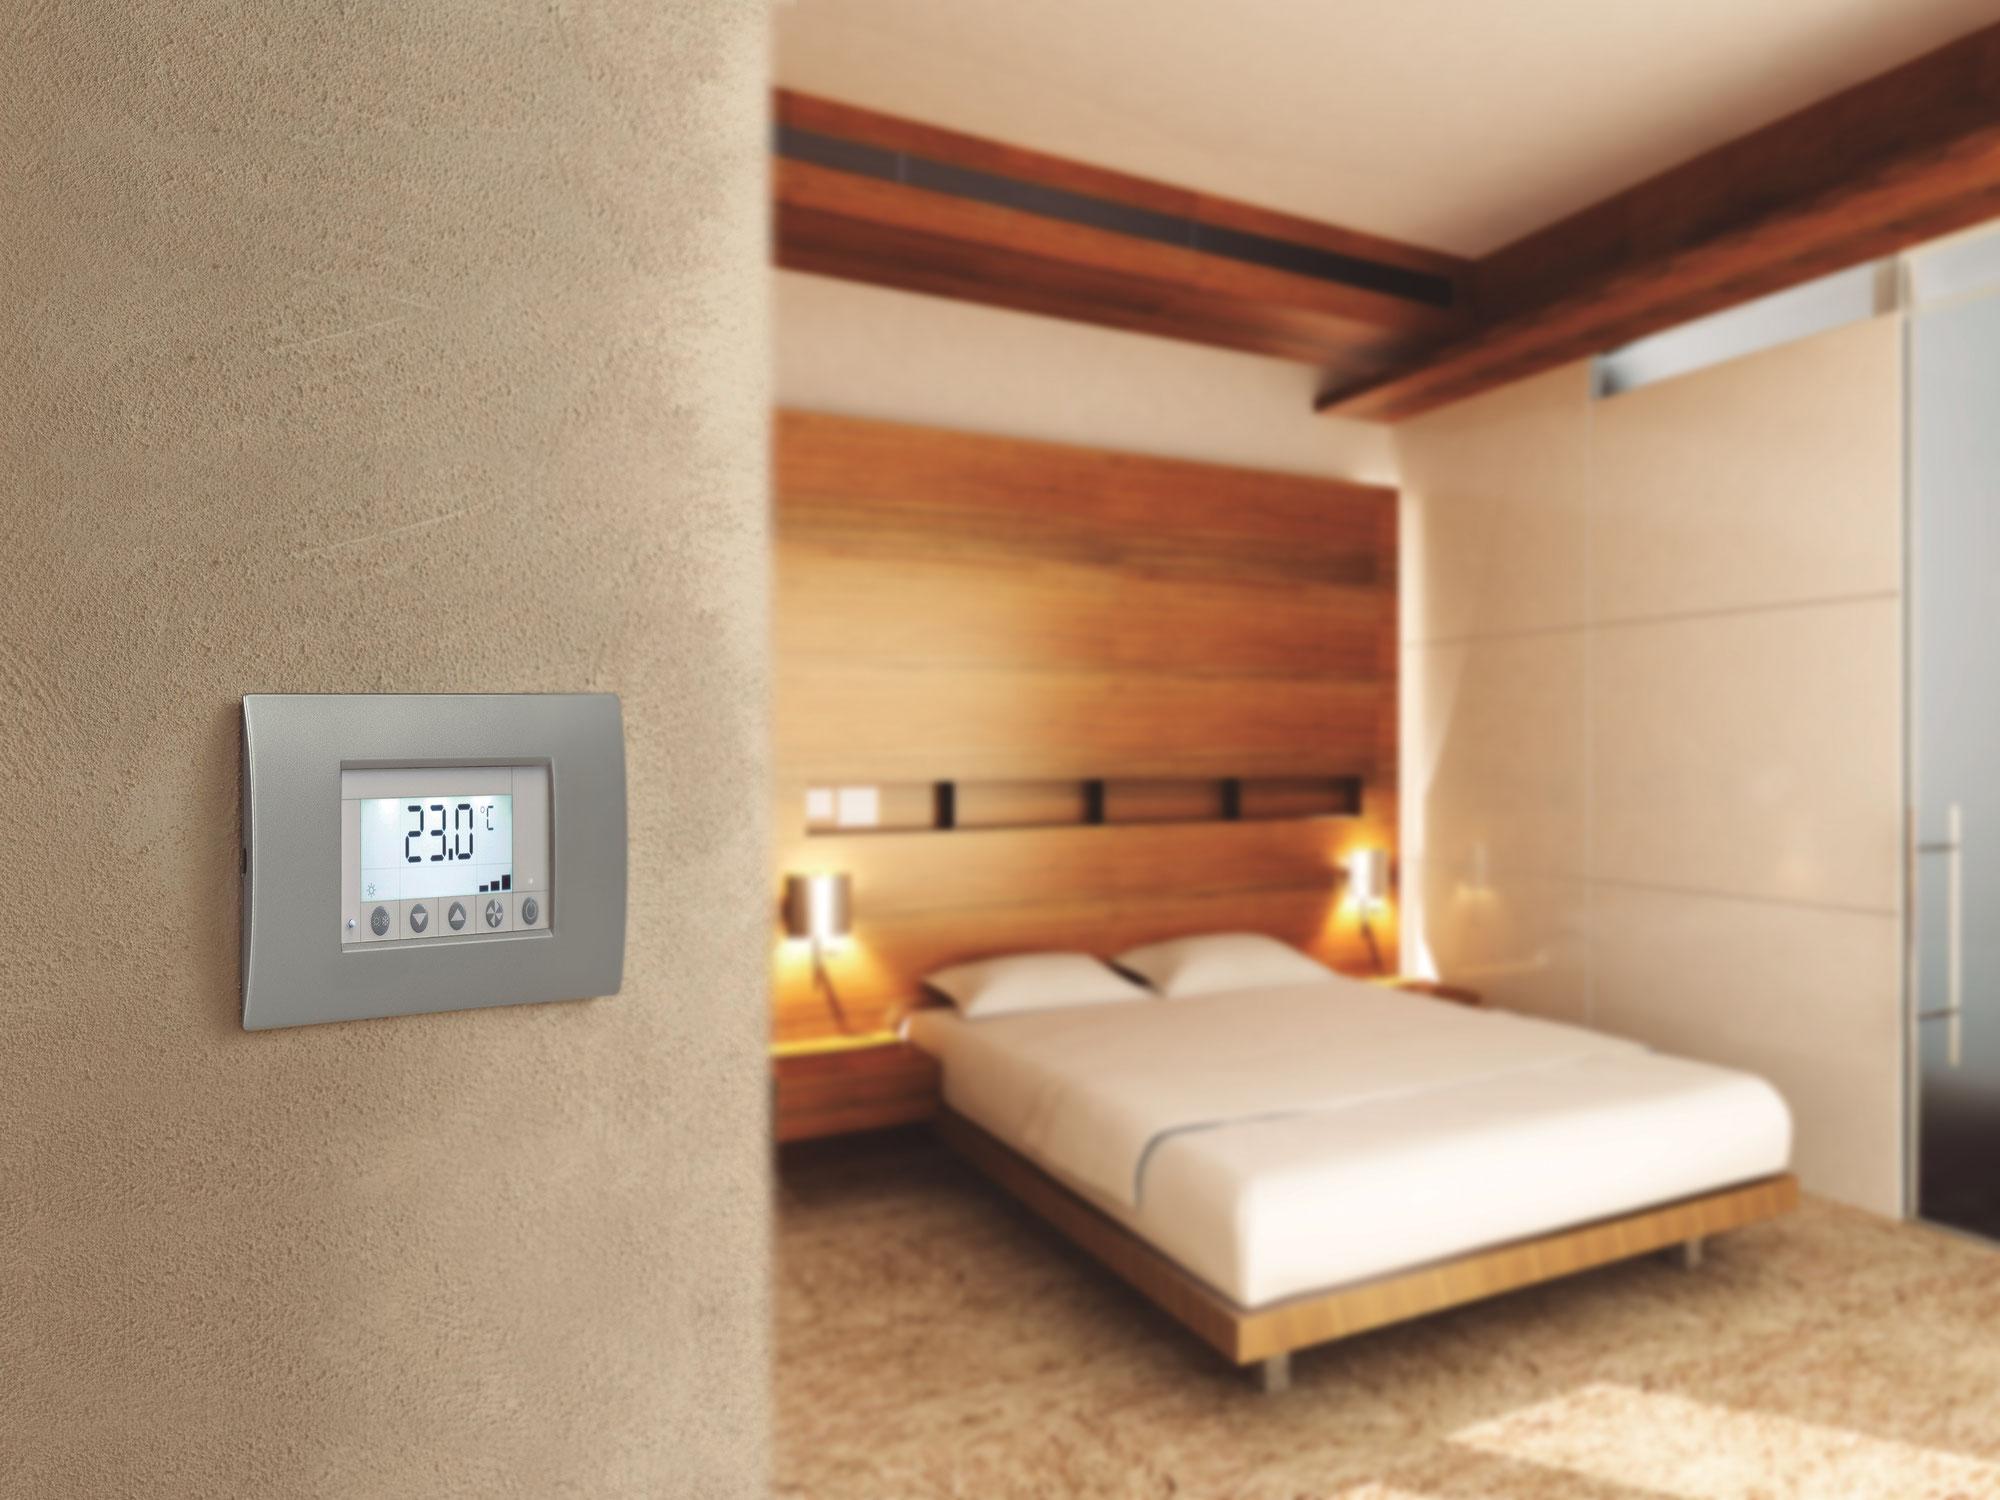 Wärmepumpe - richtig installiert